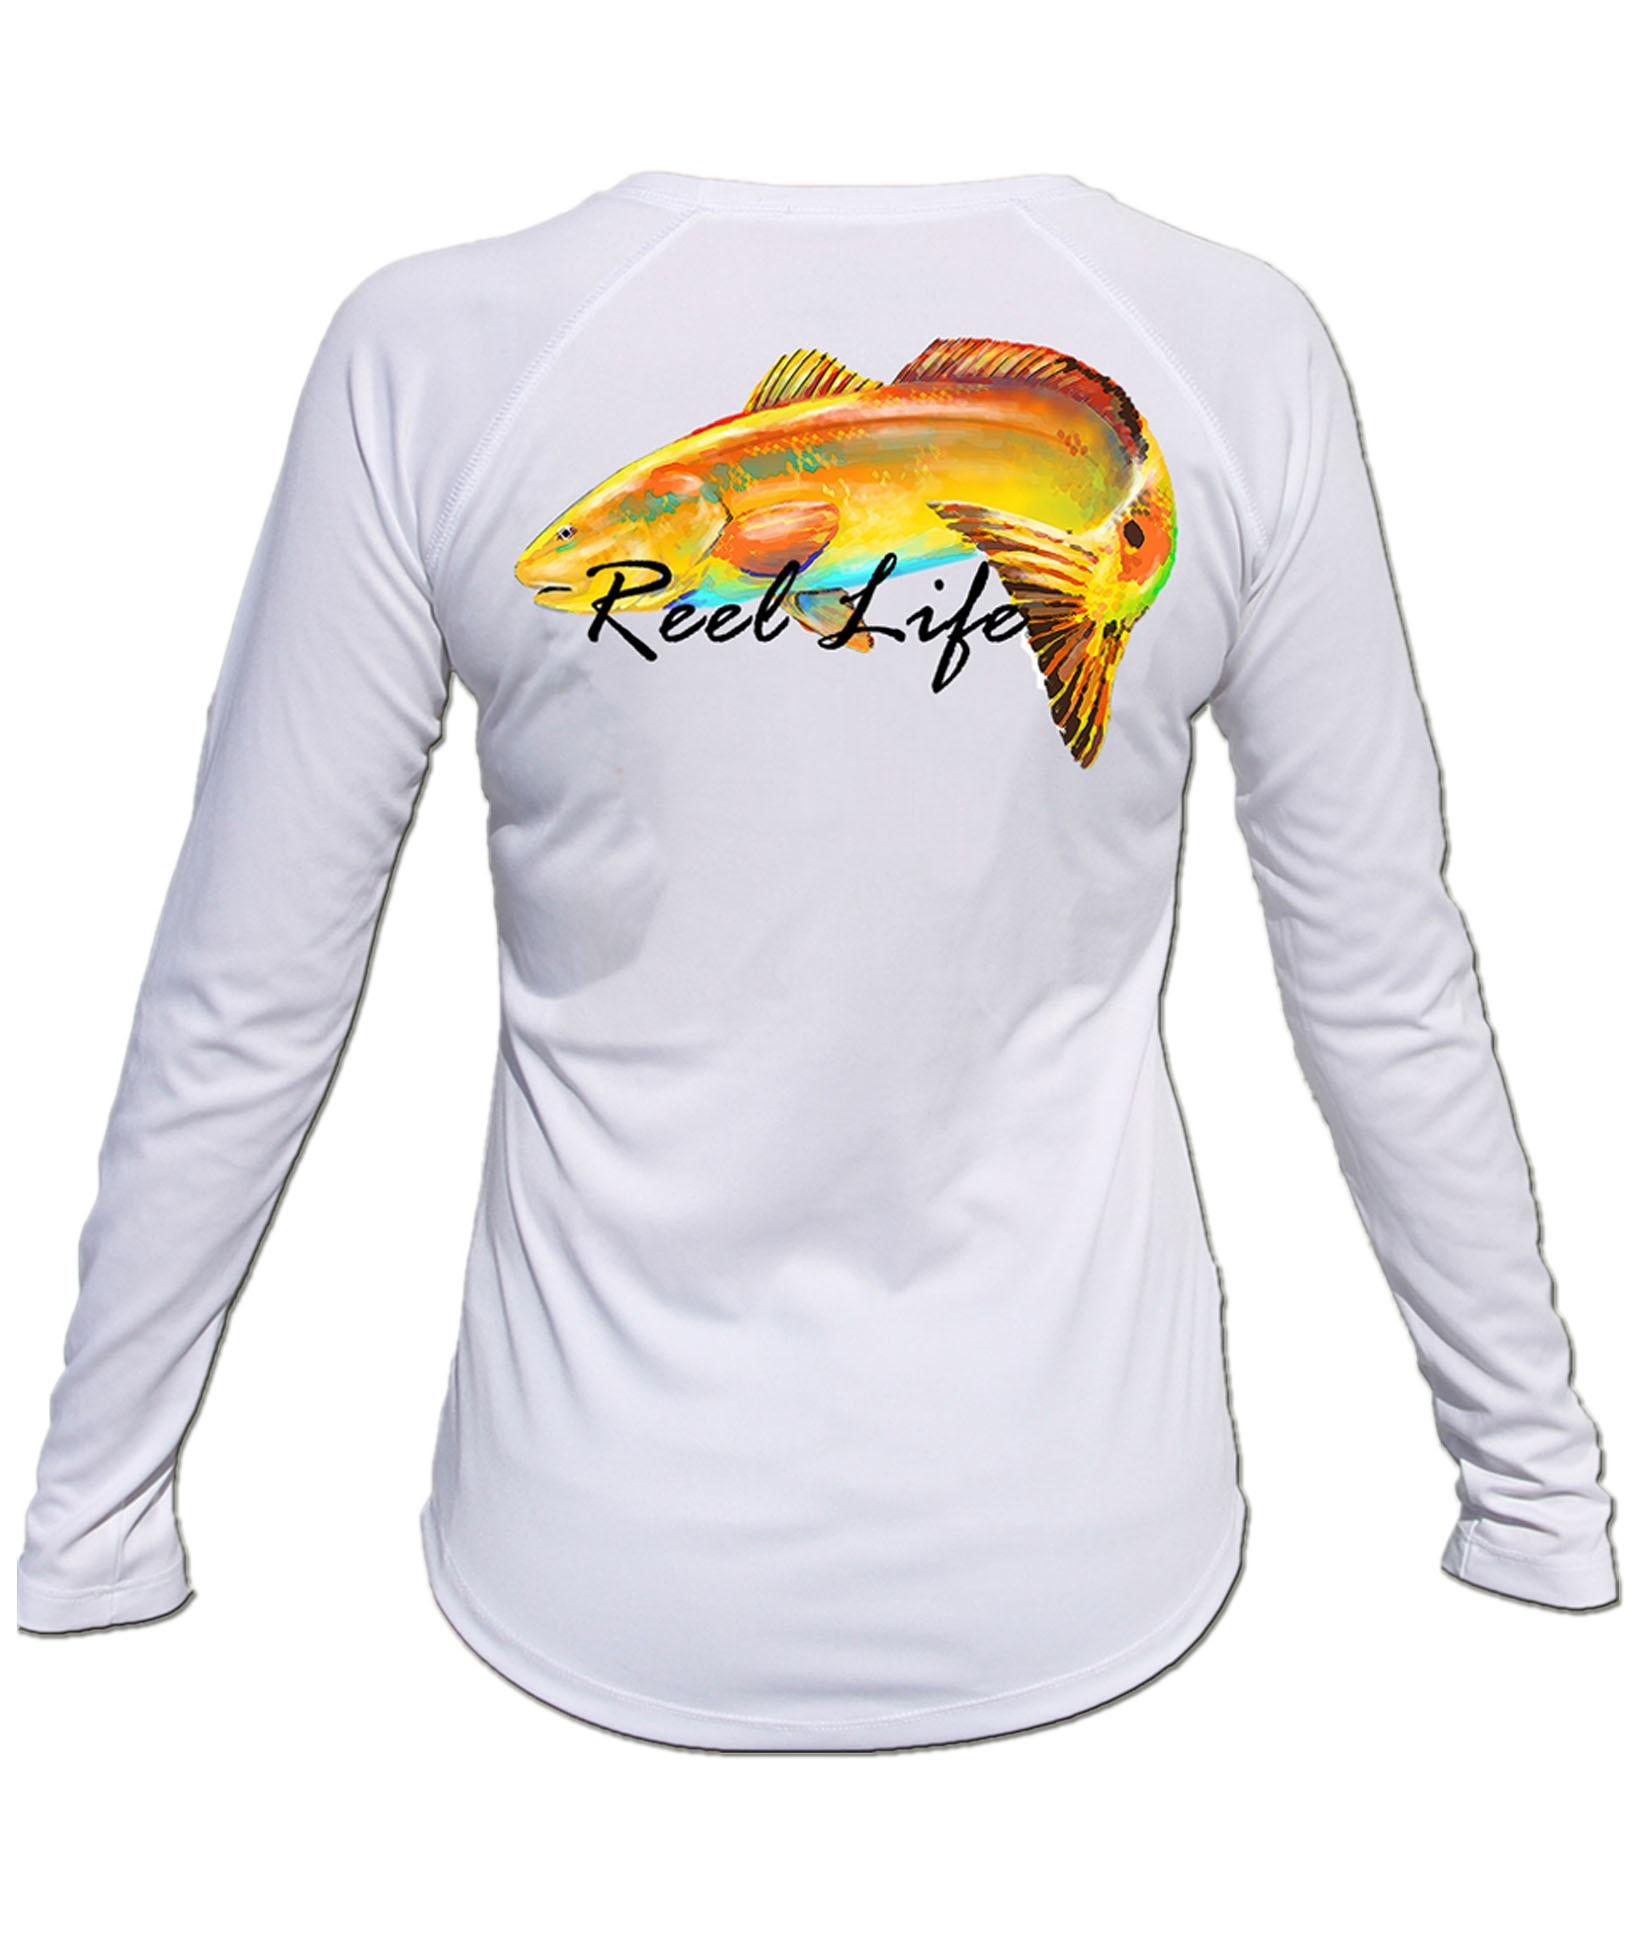 White Long Sleeve Shirt For Women